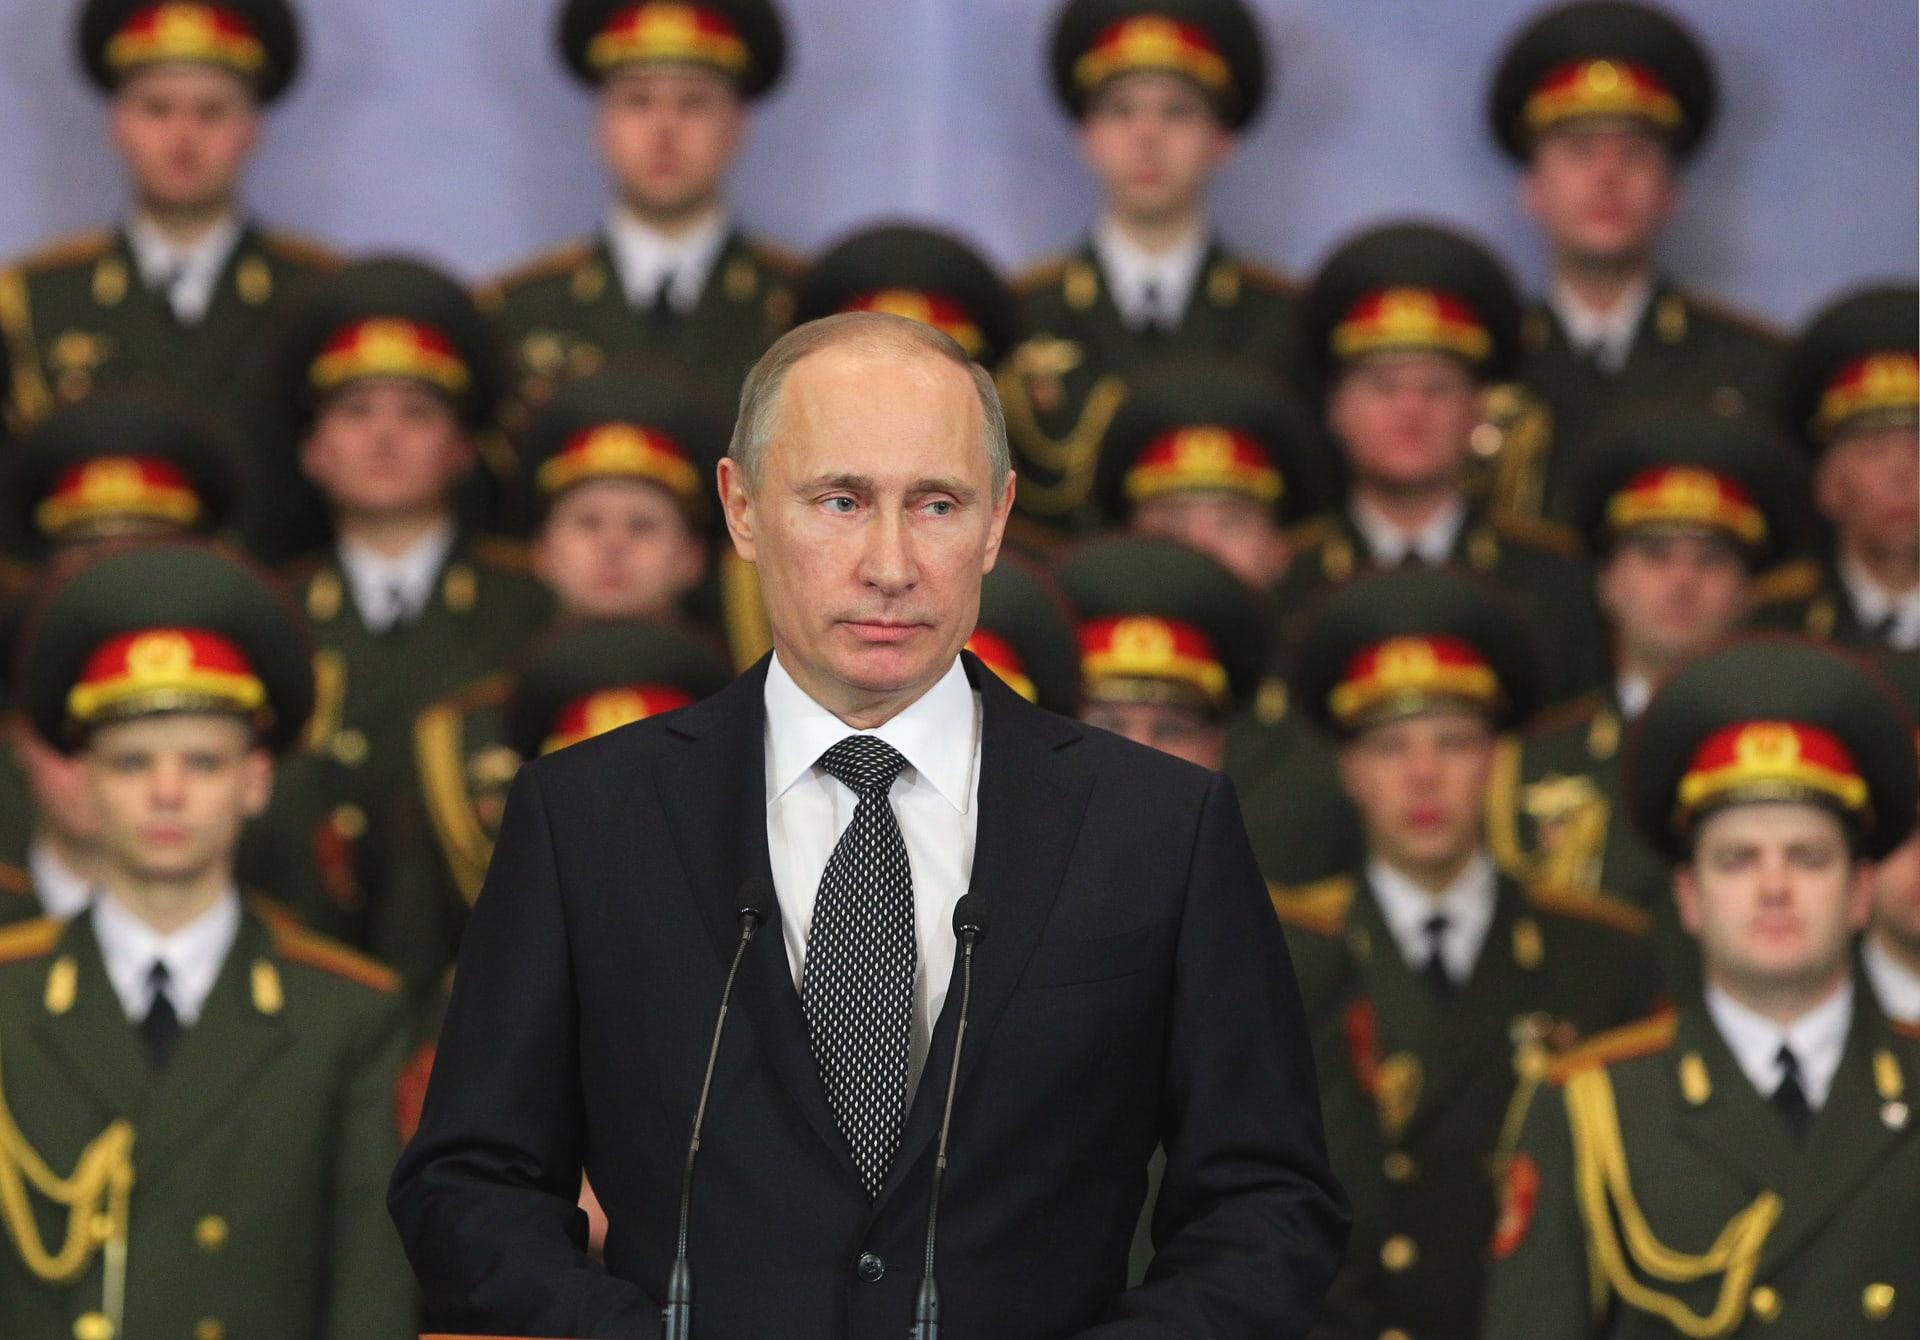 """بعد إعلان وقف إطلاق النار.. روسيا تعلن تقليص عملياتها العسكرية في سوريا و""""تأمل"""" بانضمام ترامب لعملية التسوية"""